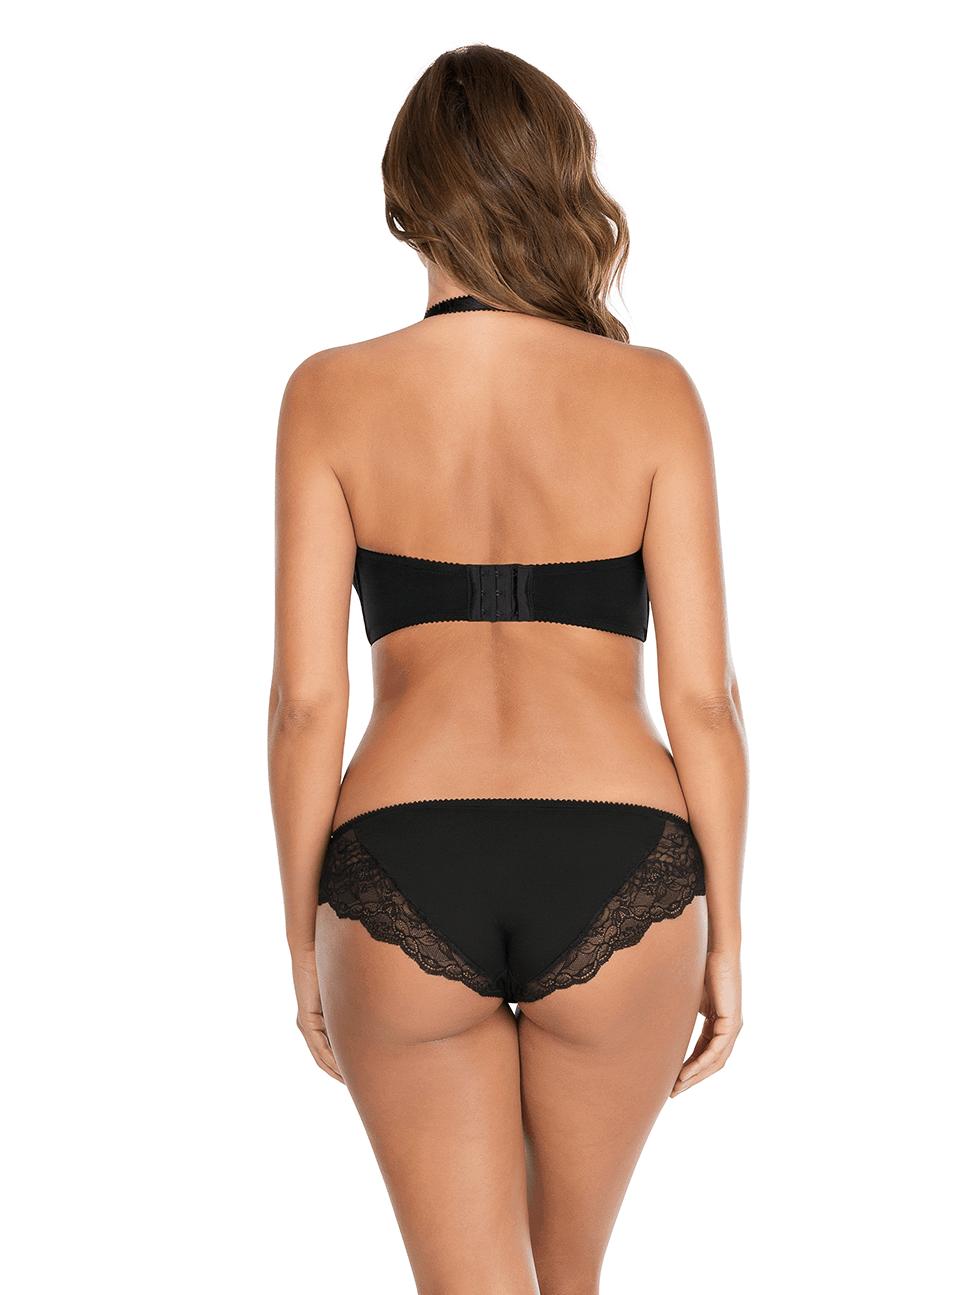 Elissa ContourUnderwireBraP5011 BikiniP5013 Black Halter Back - Elissa Strapless Bra Black P5011